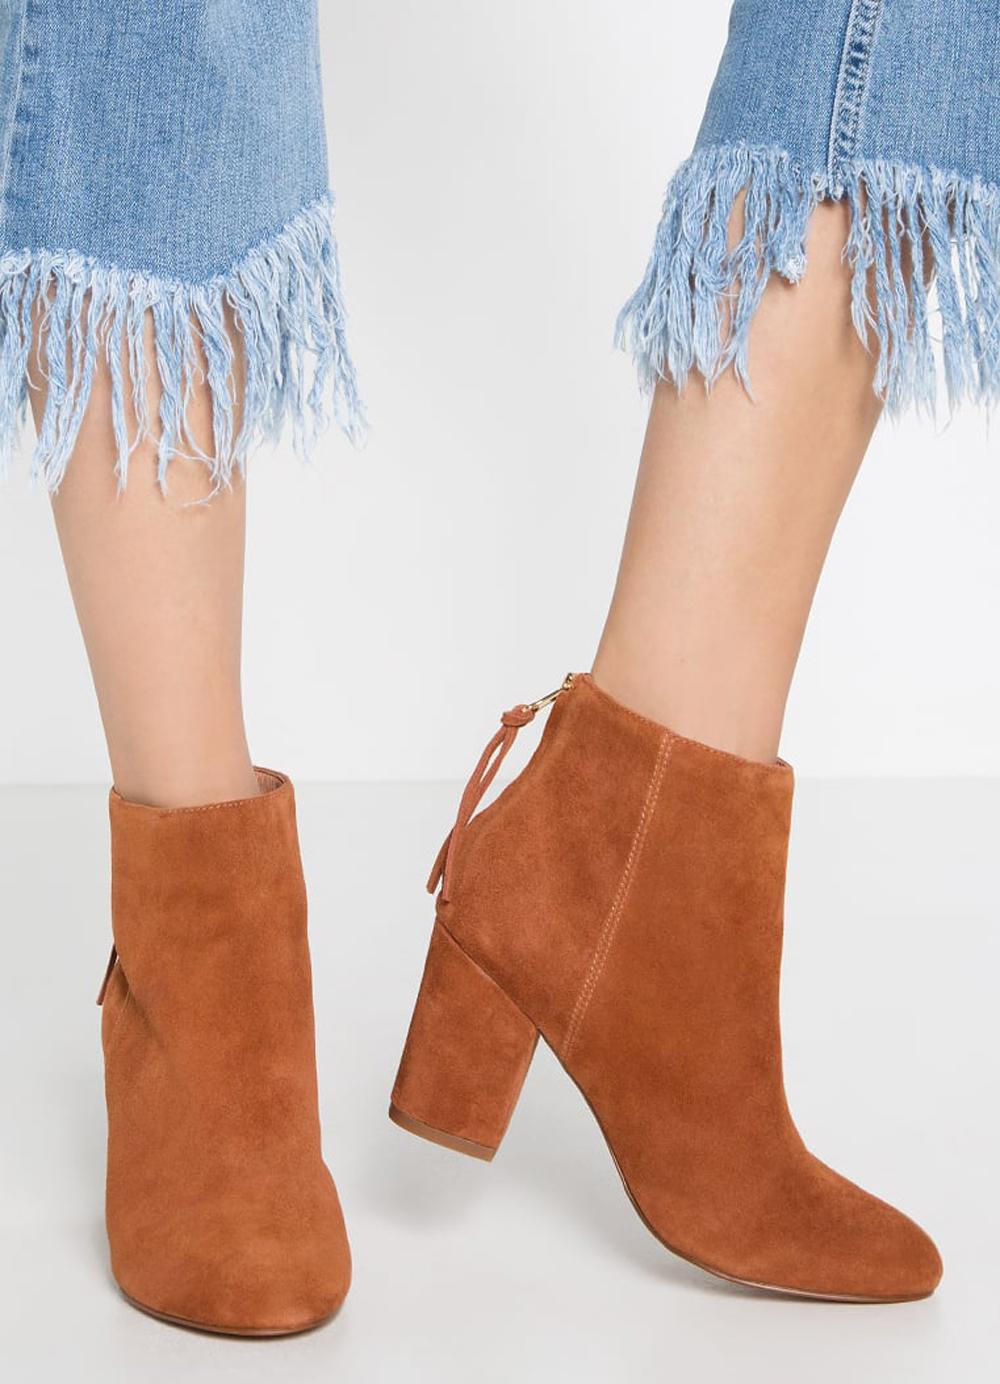 boots-steve-madden-2